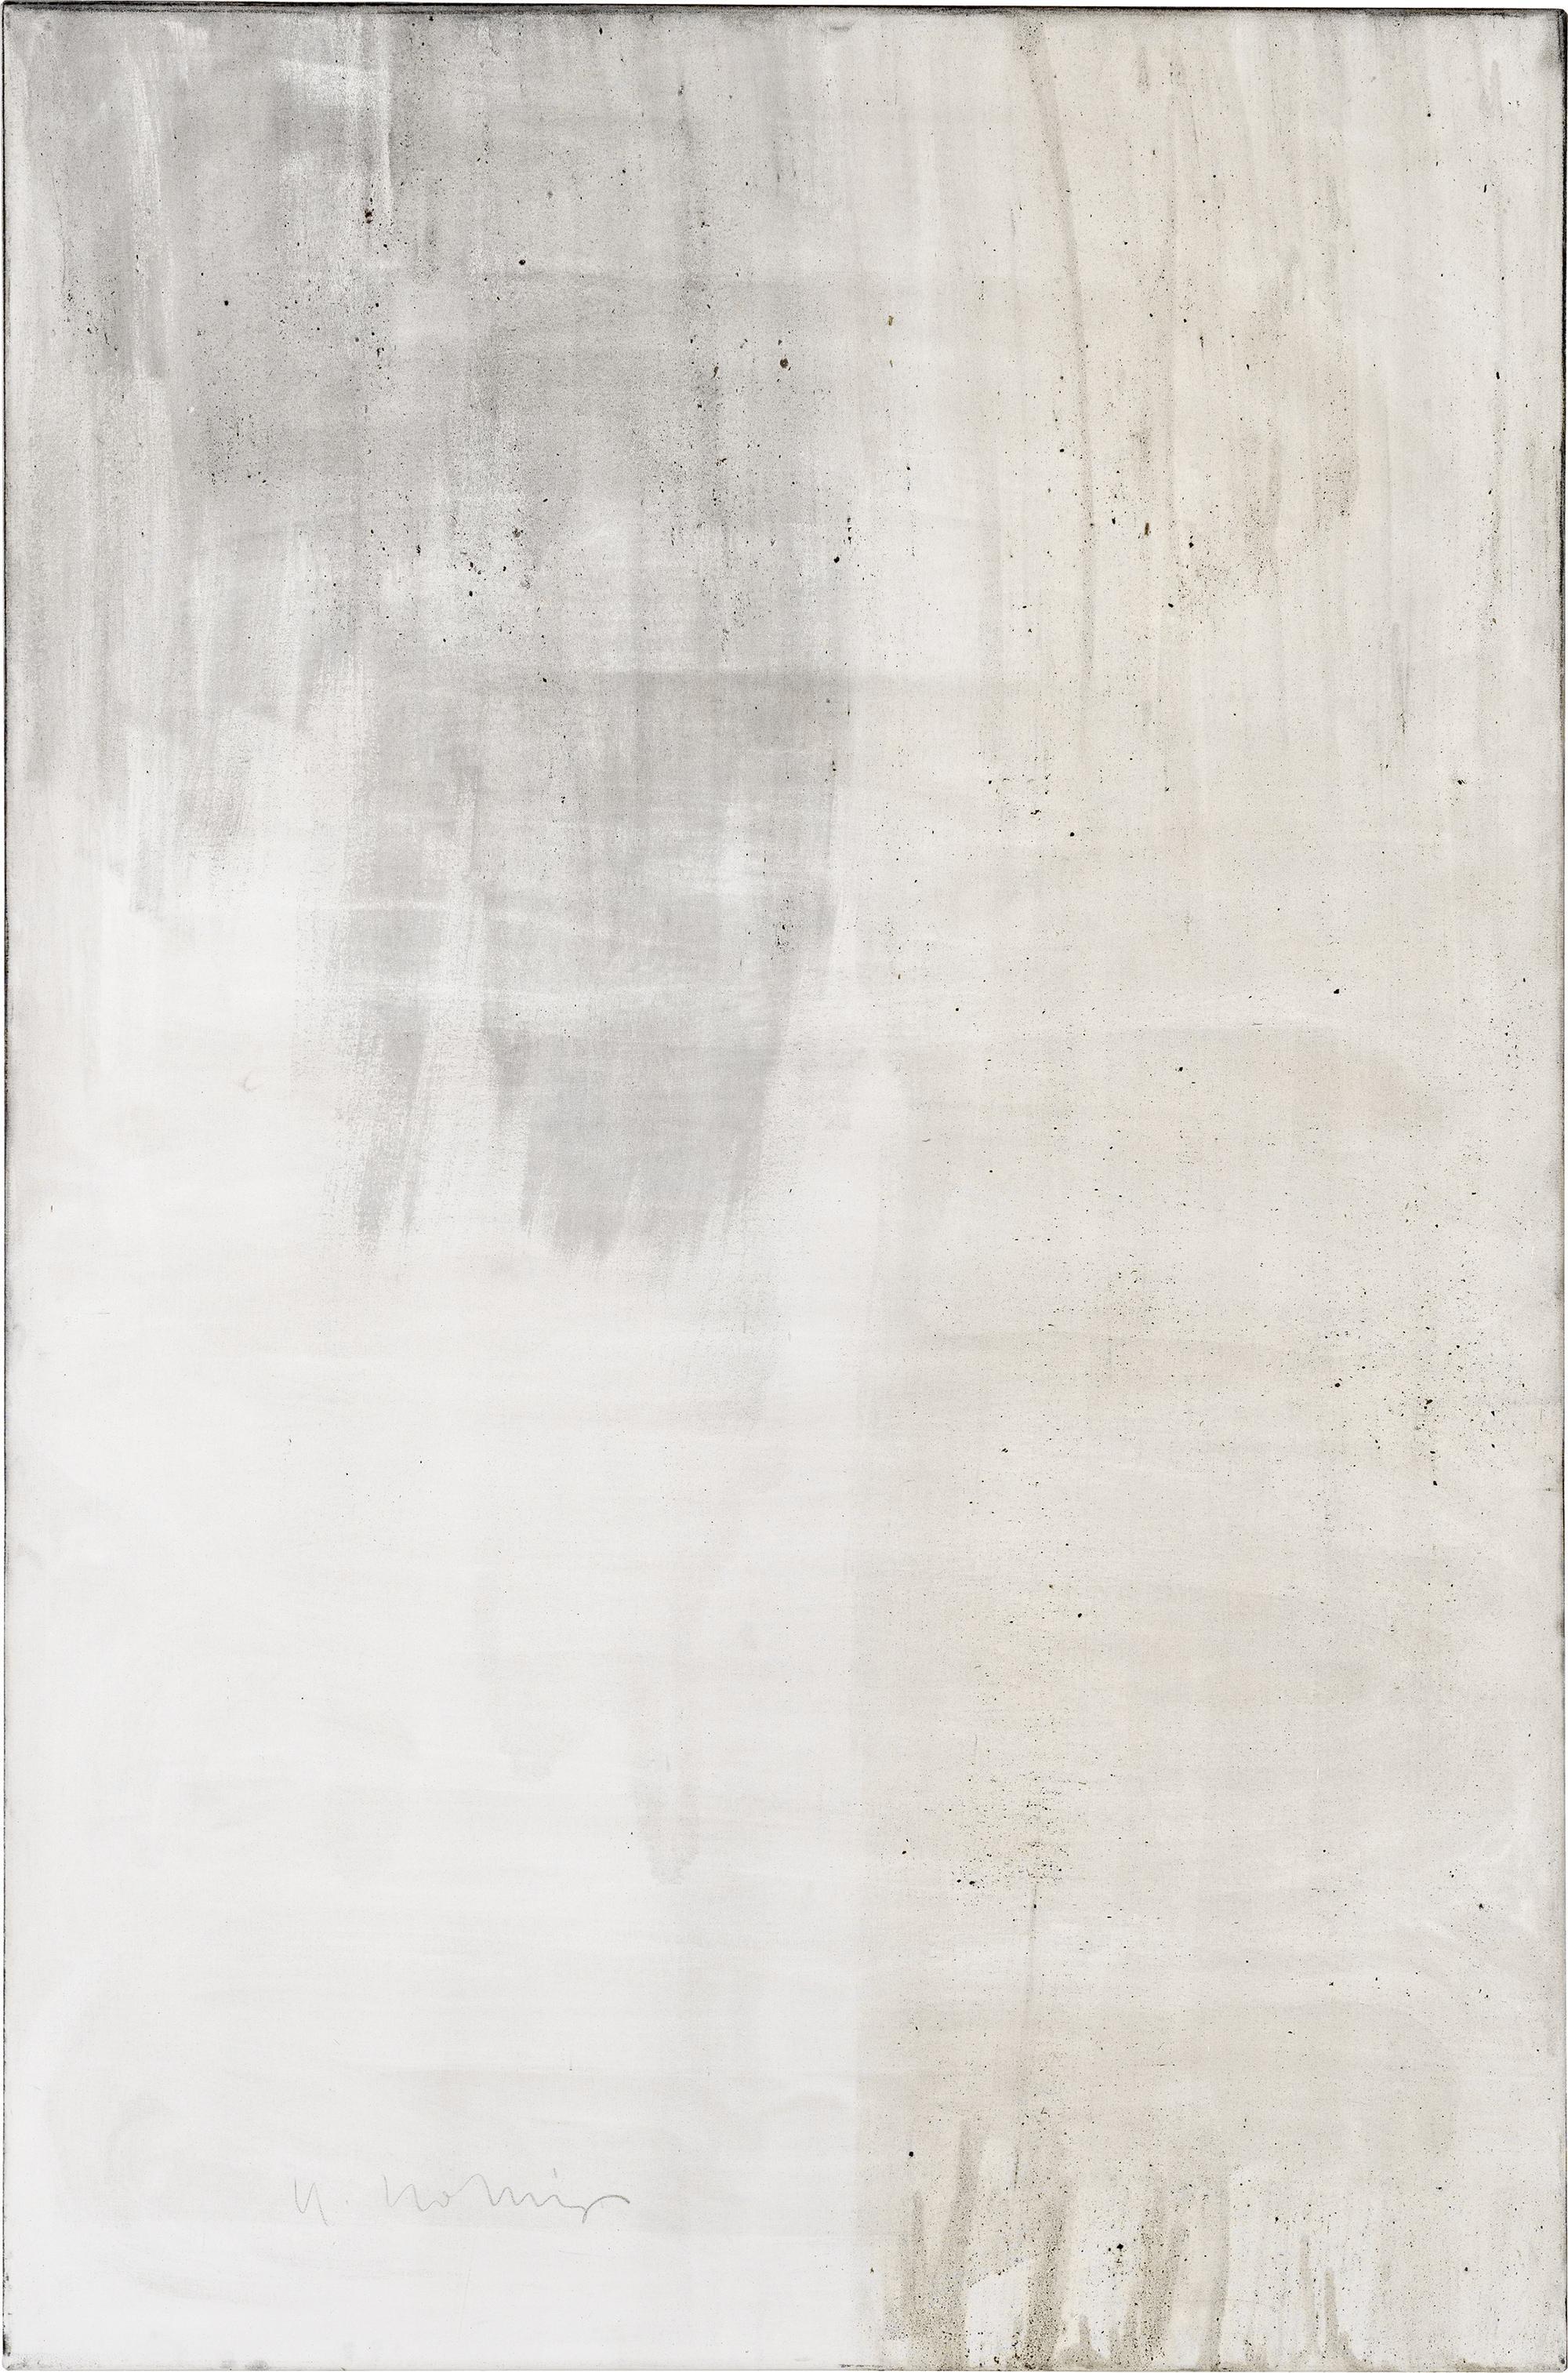 Ashes to Ashes 10  // Asche auf Leinwand // 150 x 100 cm // 2011